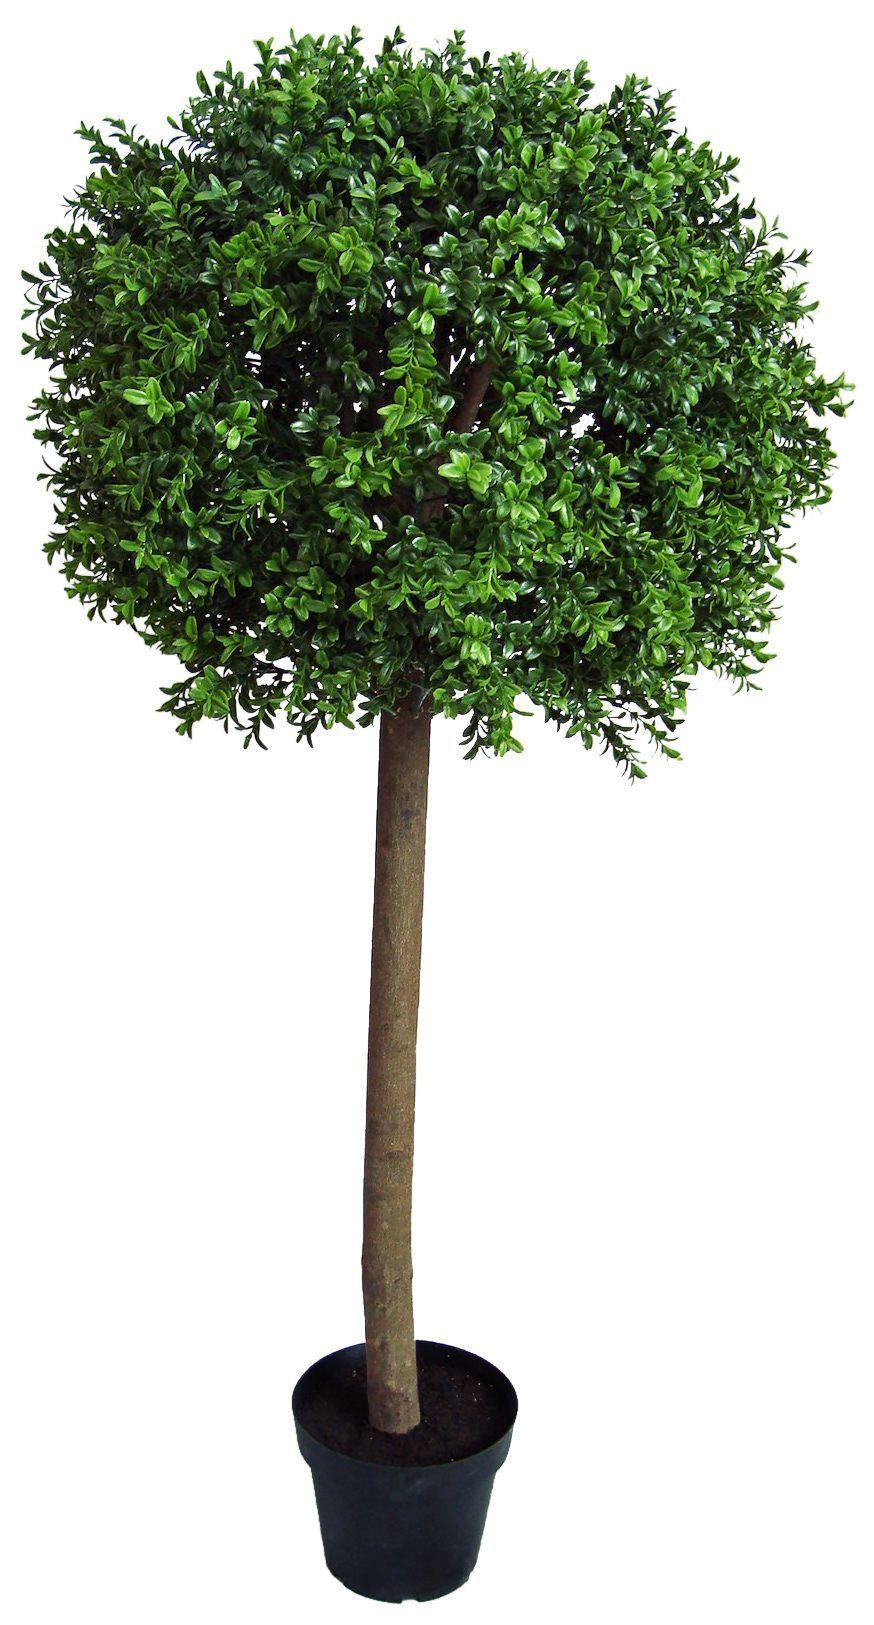 arbre boule de buis 120cm. Black Bedroom Furniture Sets. Home Design Ideas